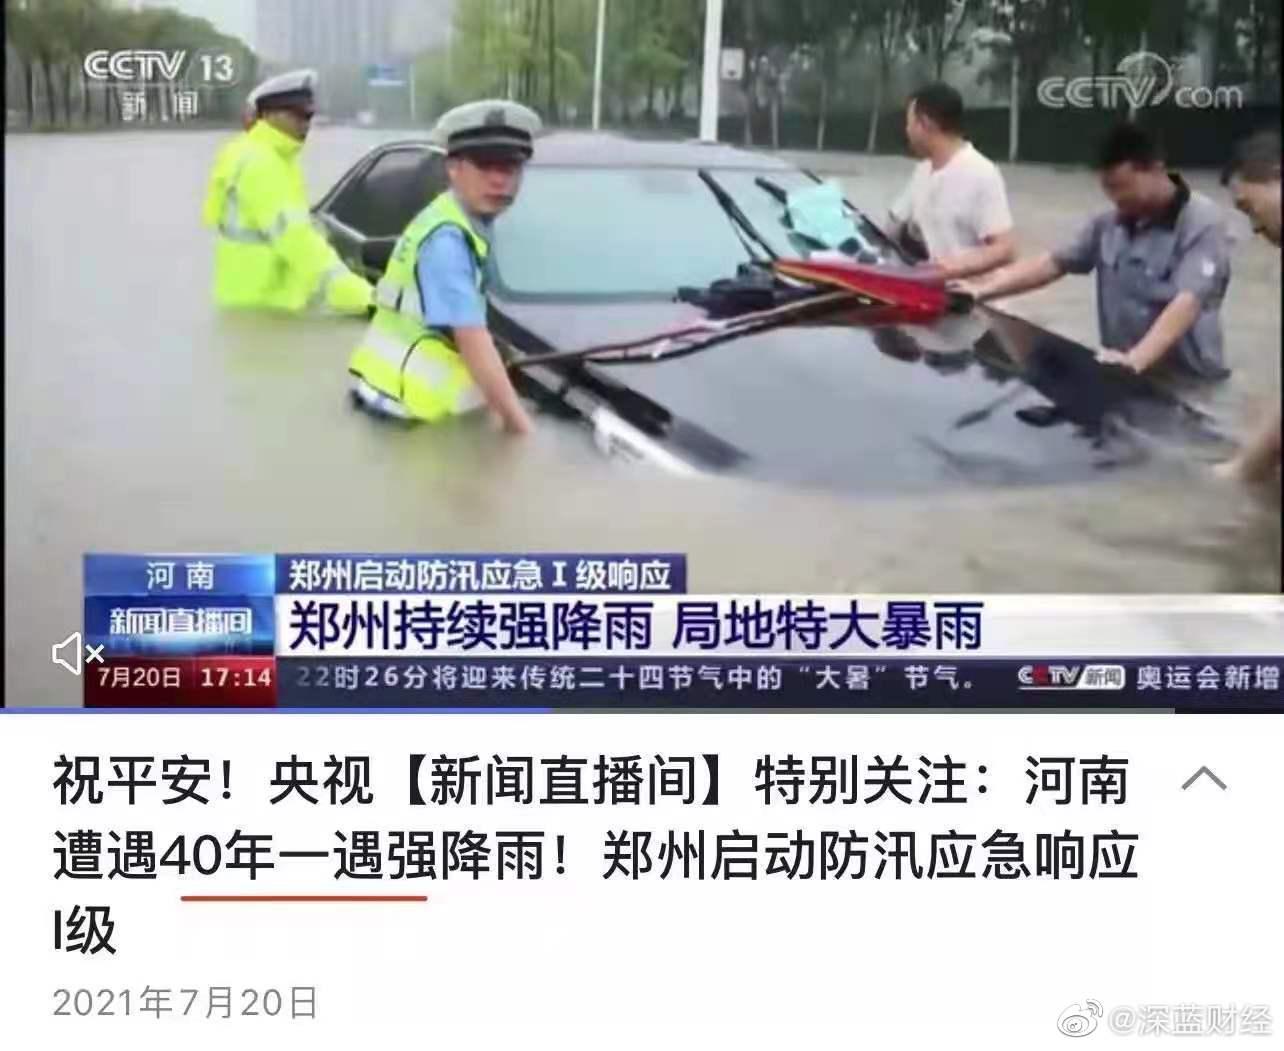 """政府""""洪水美学""""言论引炸锅:大雨过后 城市更干净草木更翠绿"""